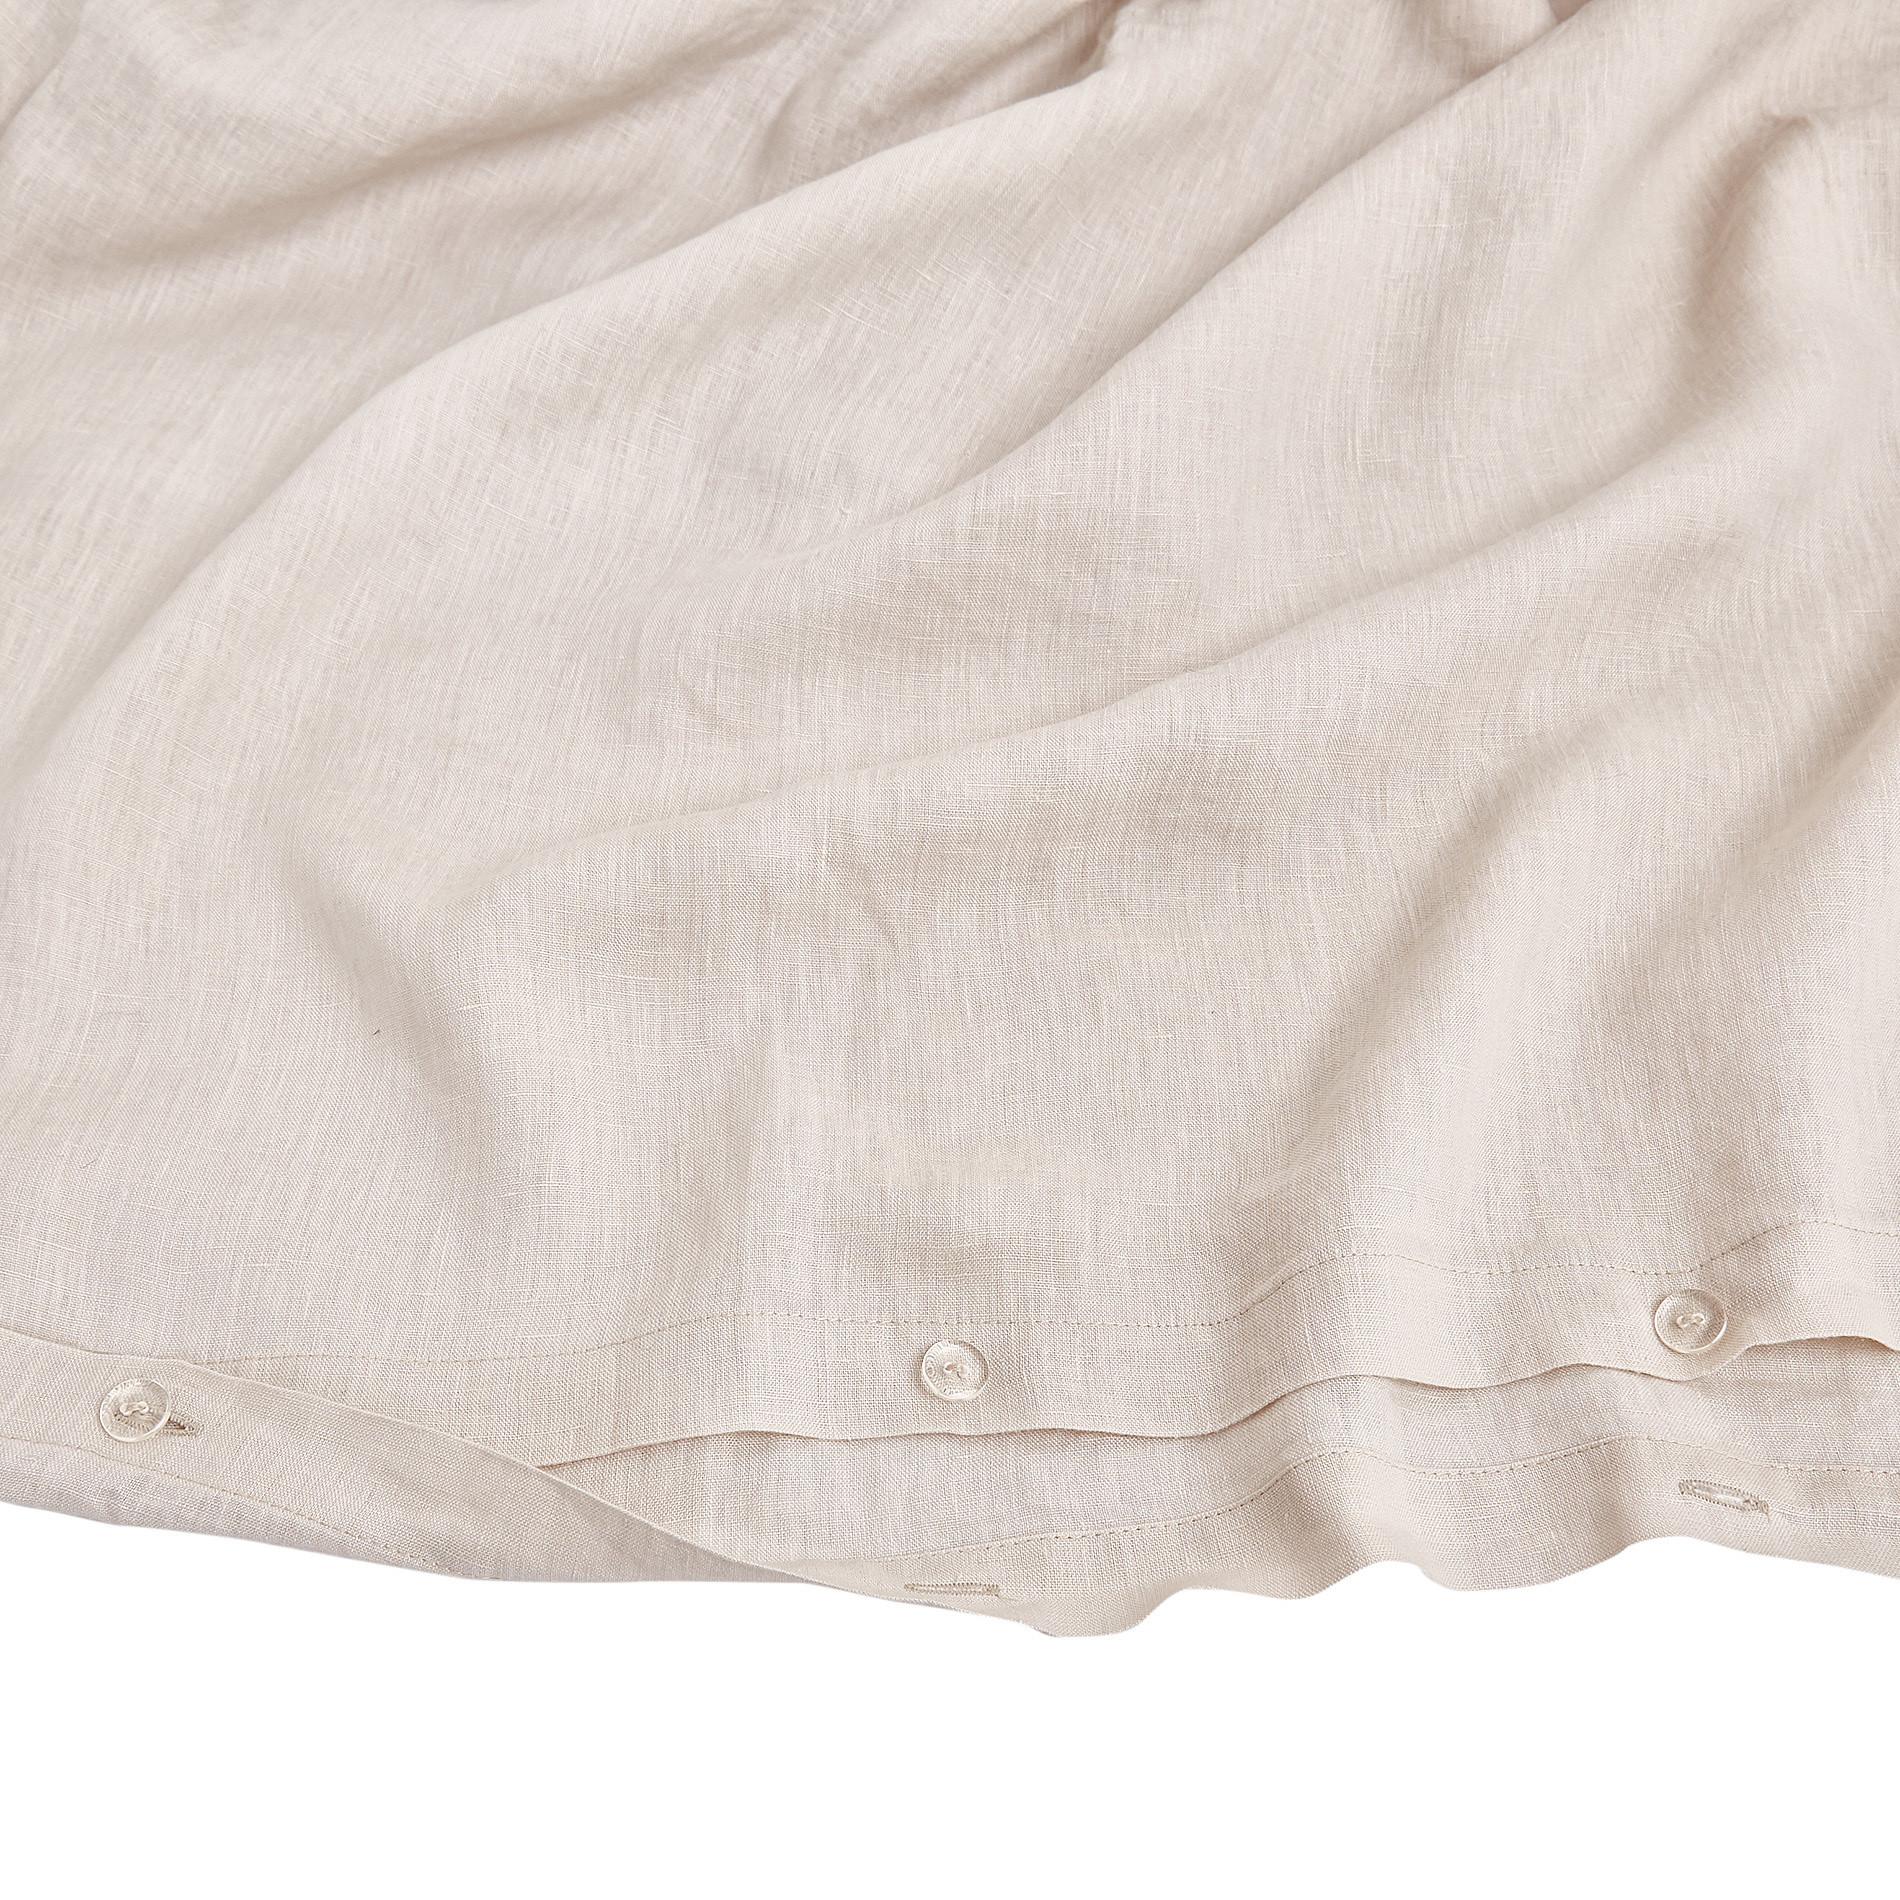 Copripiumino lino alta qualità Interno 11, Beige chiaro, large image number 3